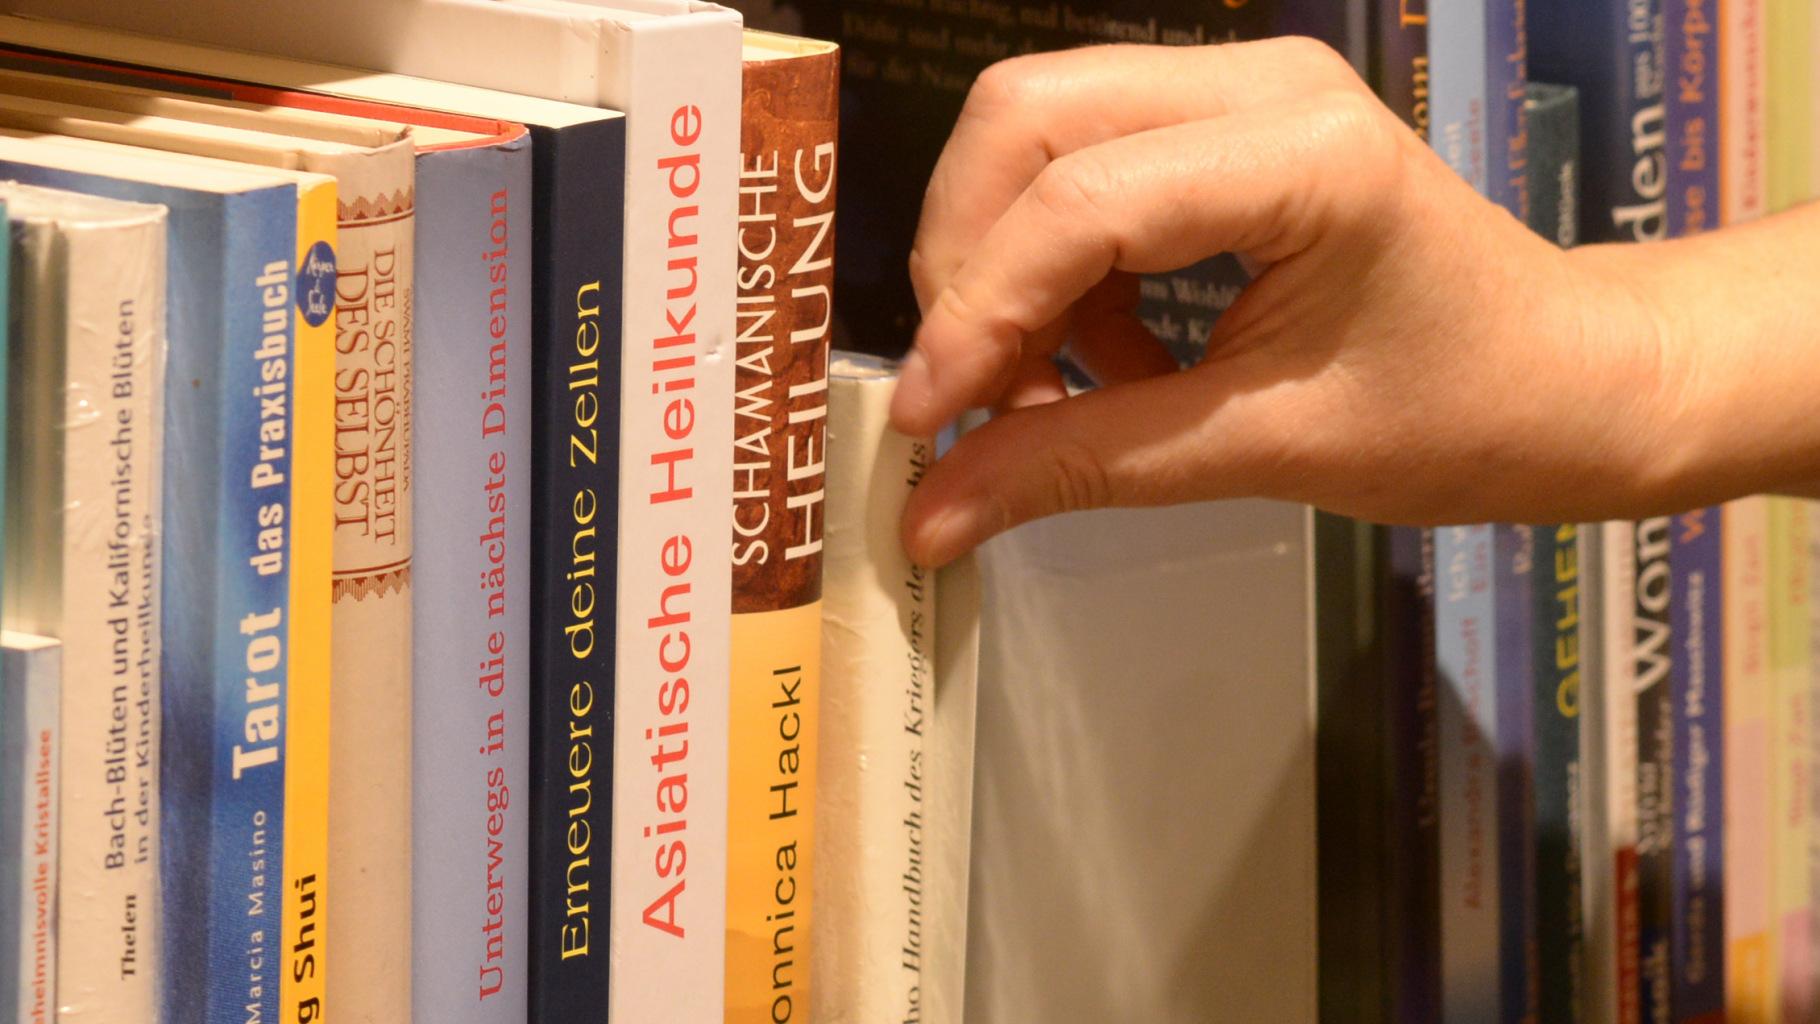 Bücher zu den Themen Medizin, Gesundheit und Lebenshilfe